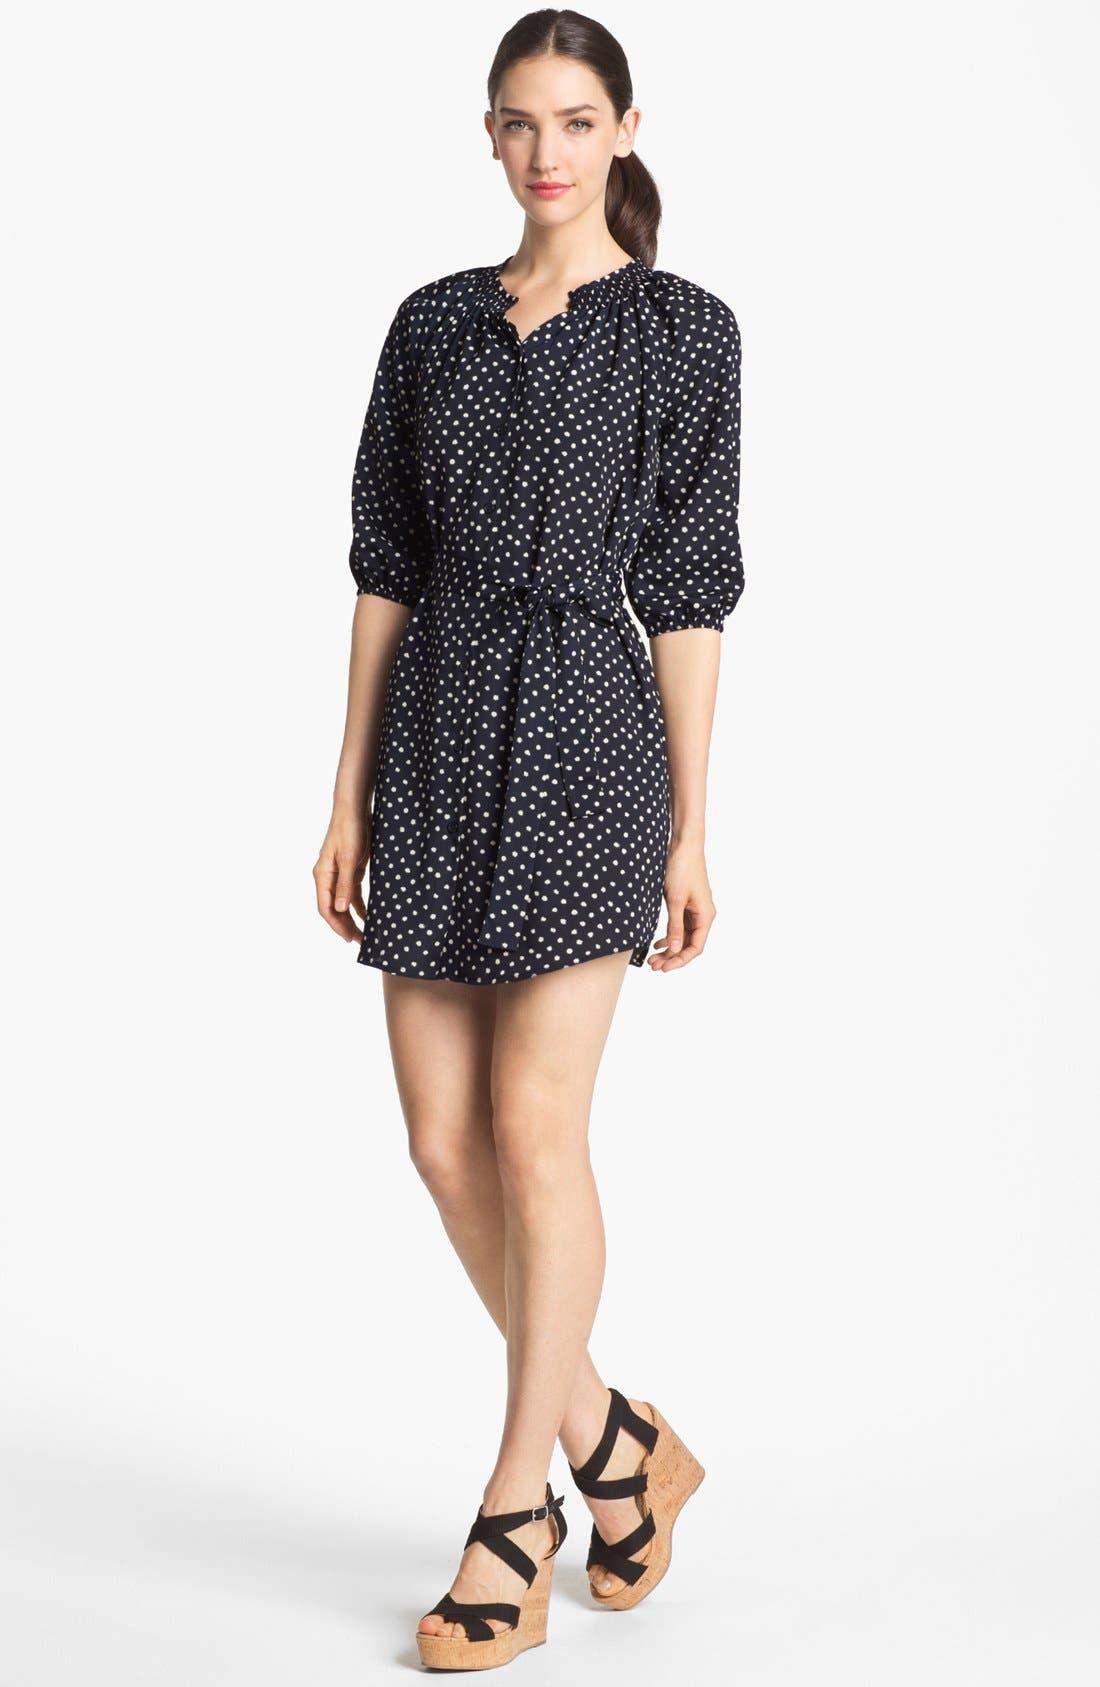 Main Image - Collective Concepts Polka Dot Shirtdress